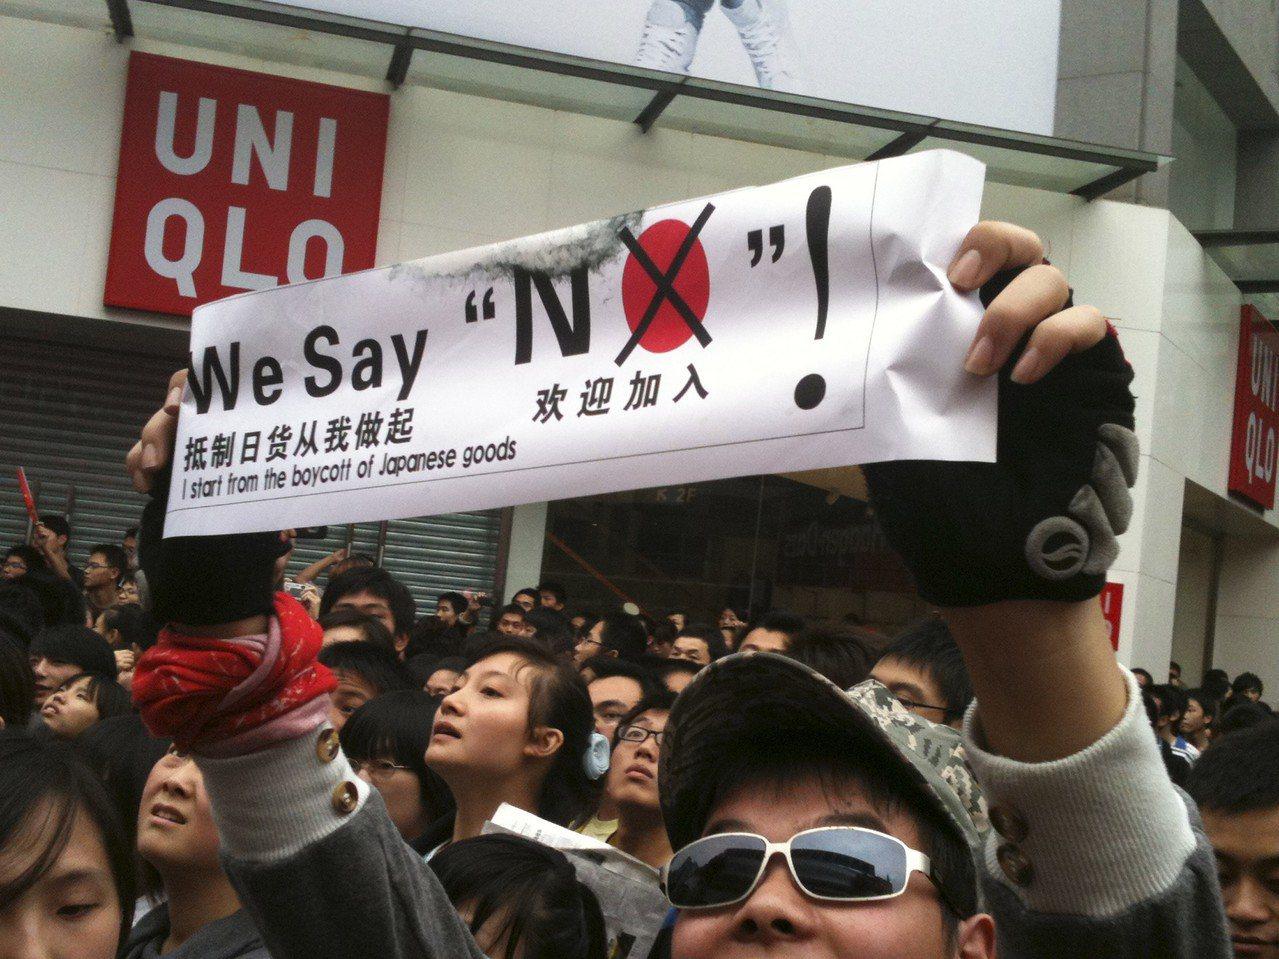 2005年,為反對日本歷史教科書及日方爭取加入安理會,中國民眾串聯發起抵制日貨運...